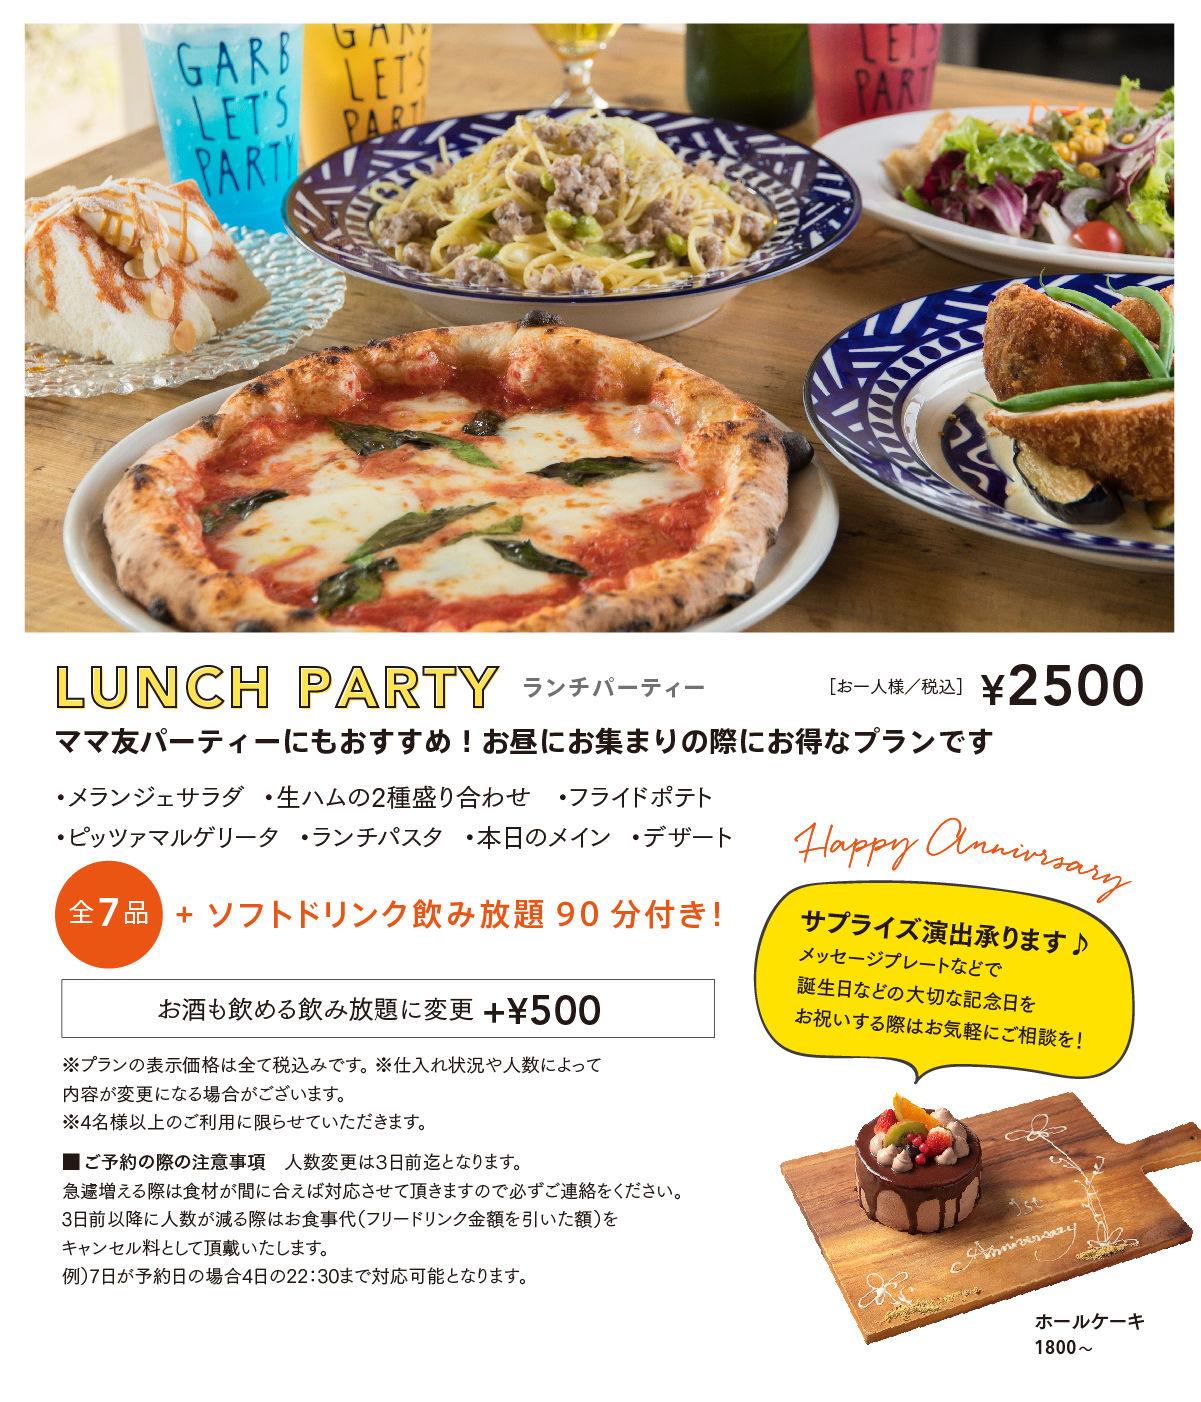 gct_1902_shop_lunchpart_1.jpg